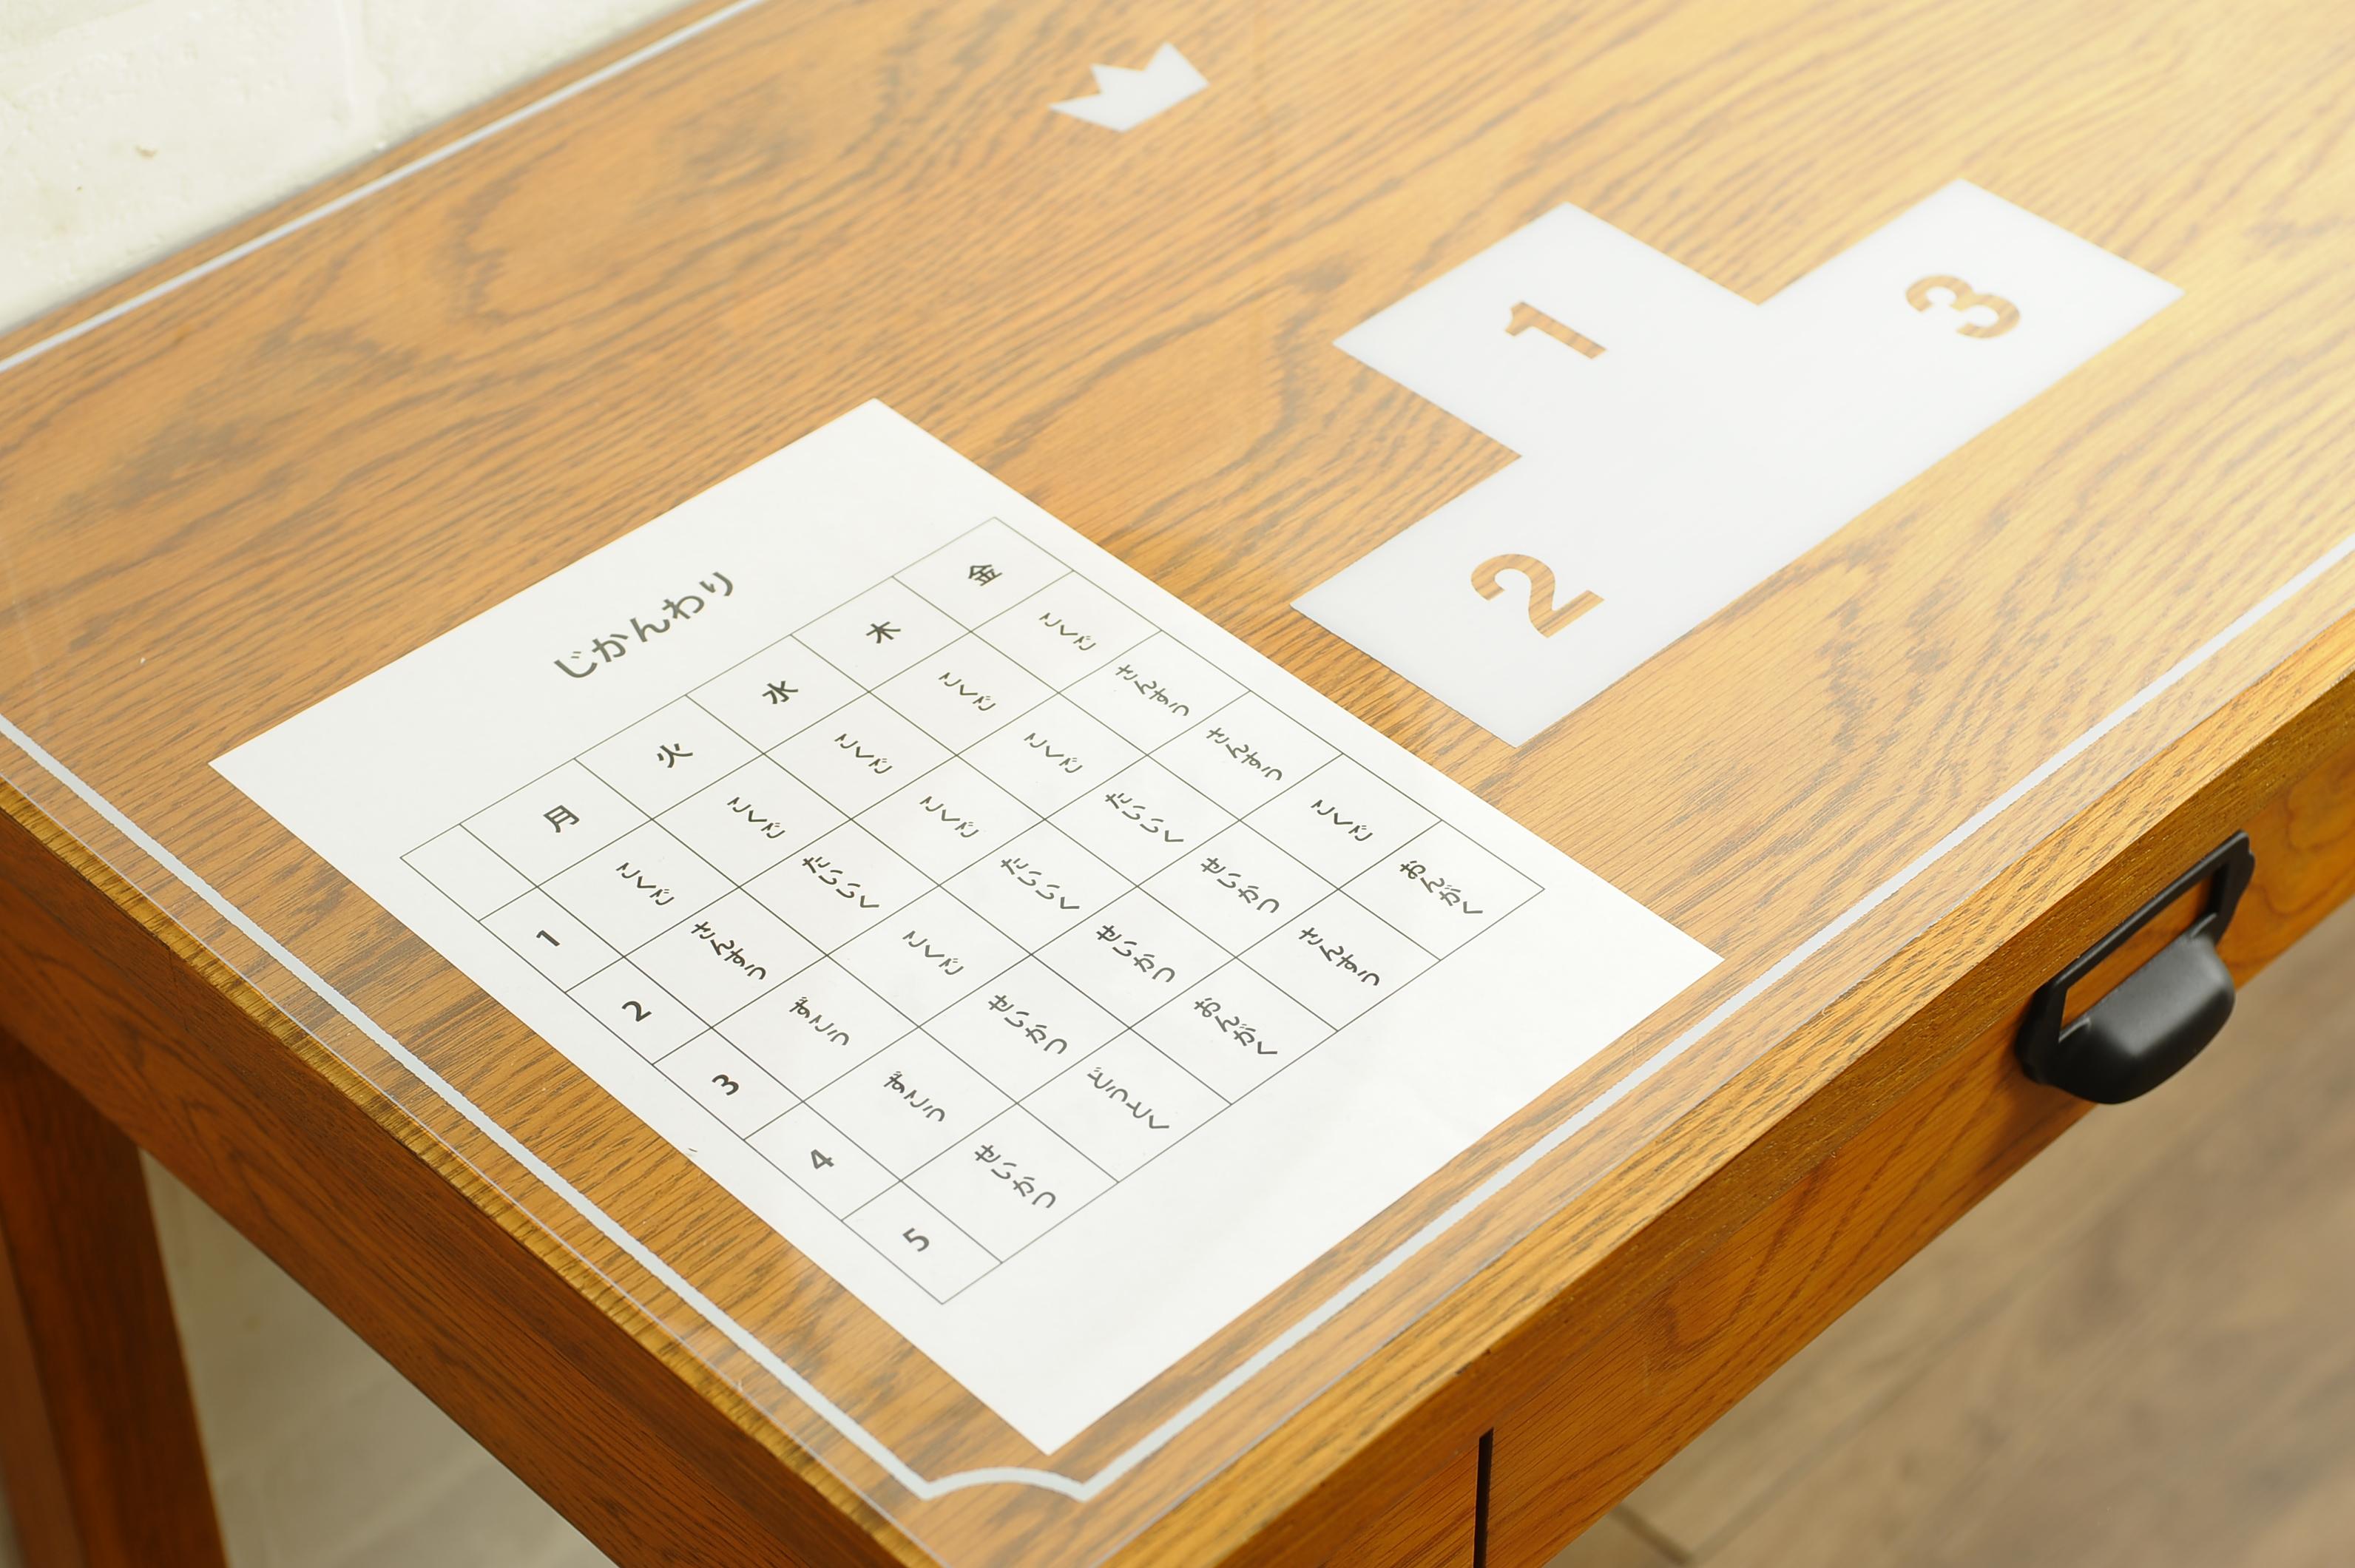 デスクマットに時間割り表をはさむ